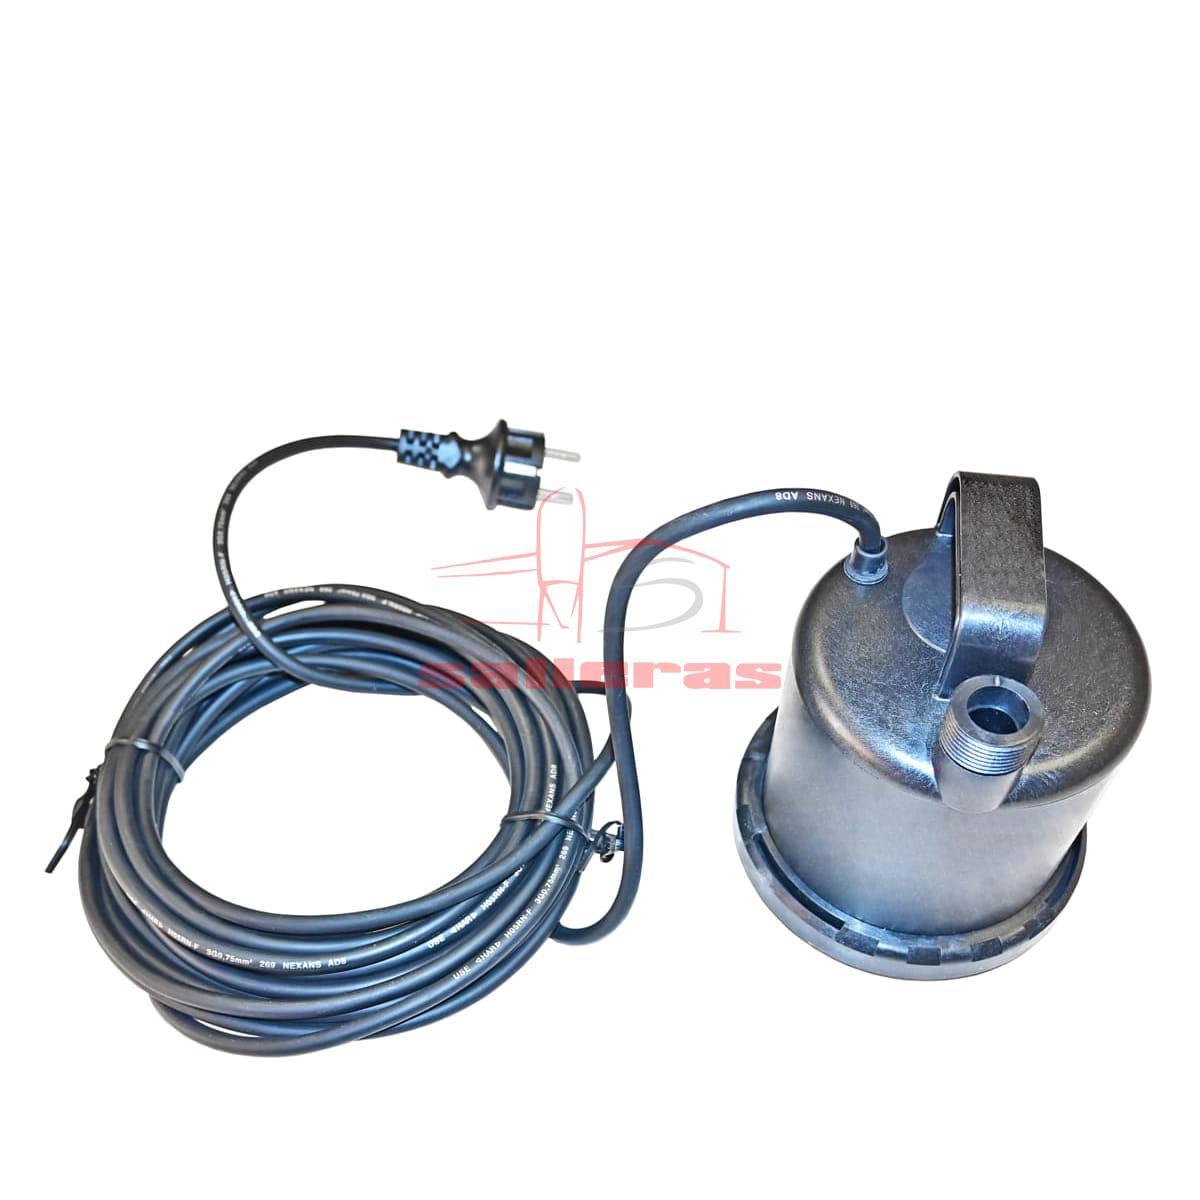 Bomba ger con manilla con cable enroscado